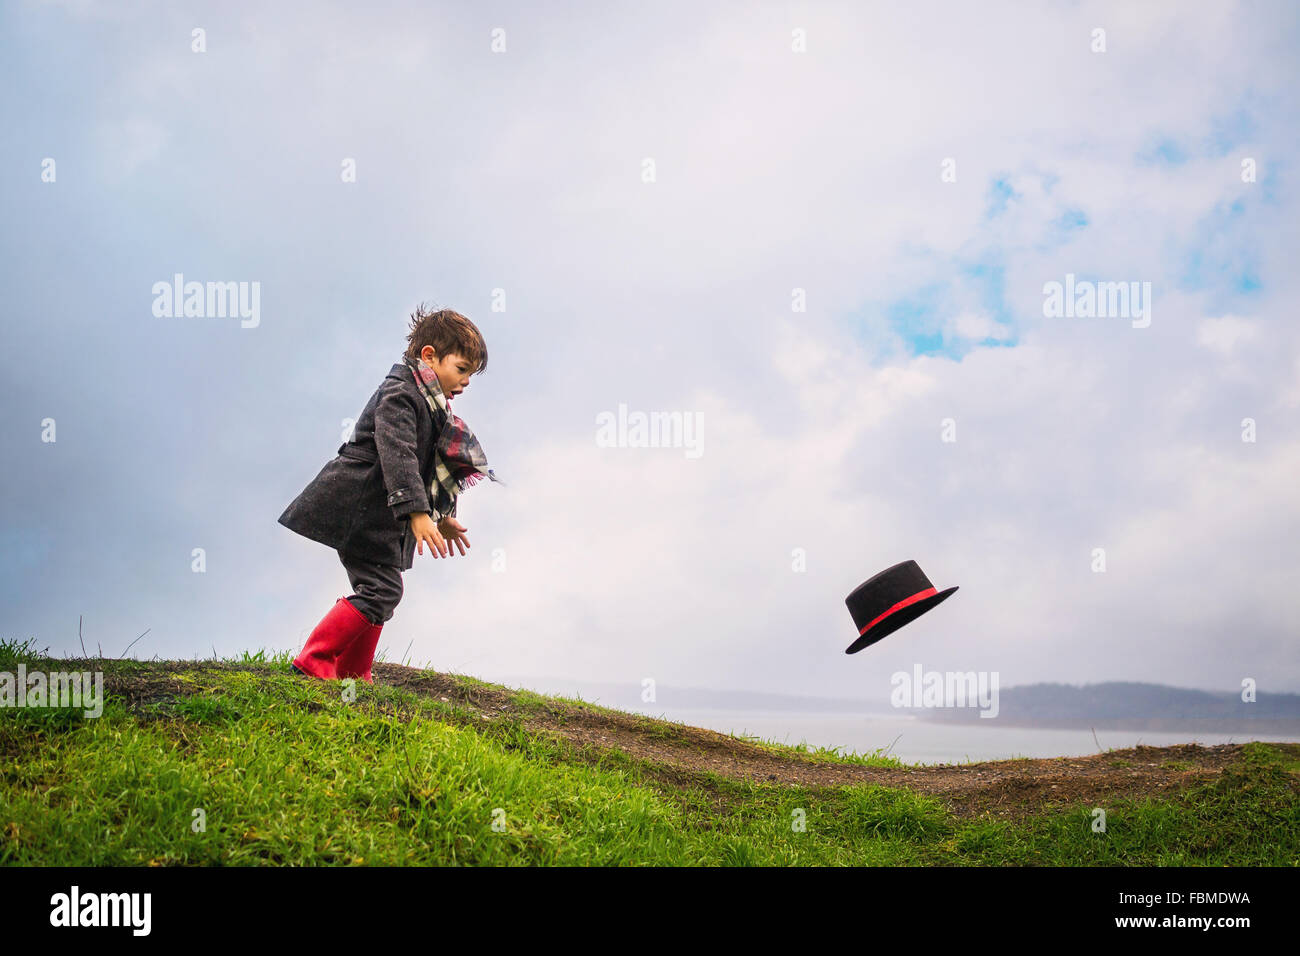 Boy persiguiendo su sombrero soplar lejos en el viento Imagen De Stock